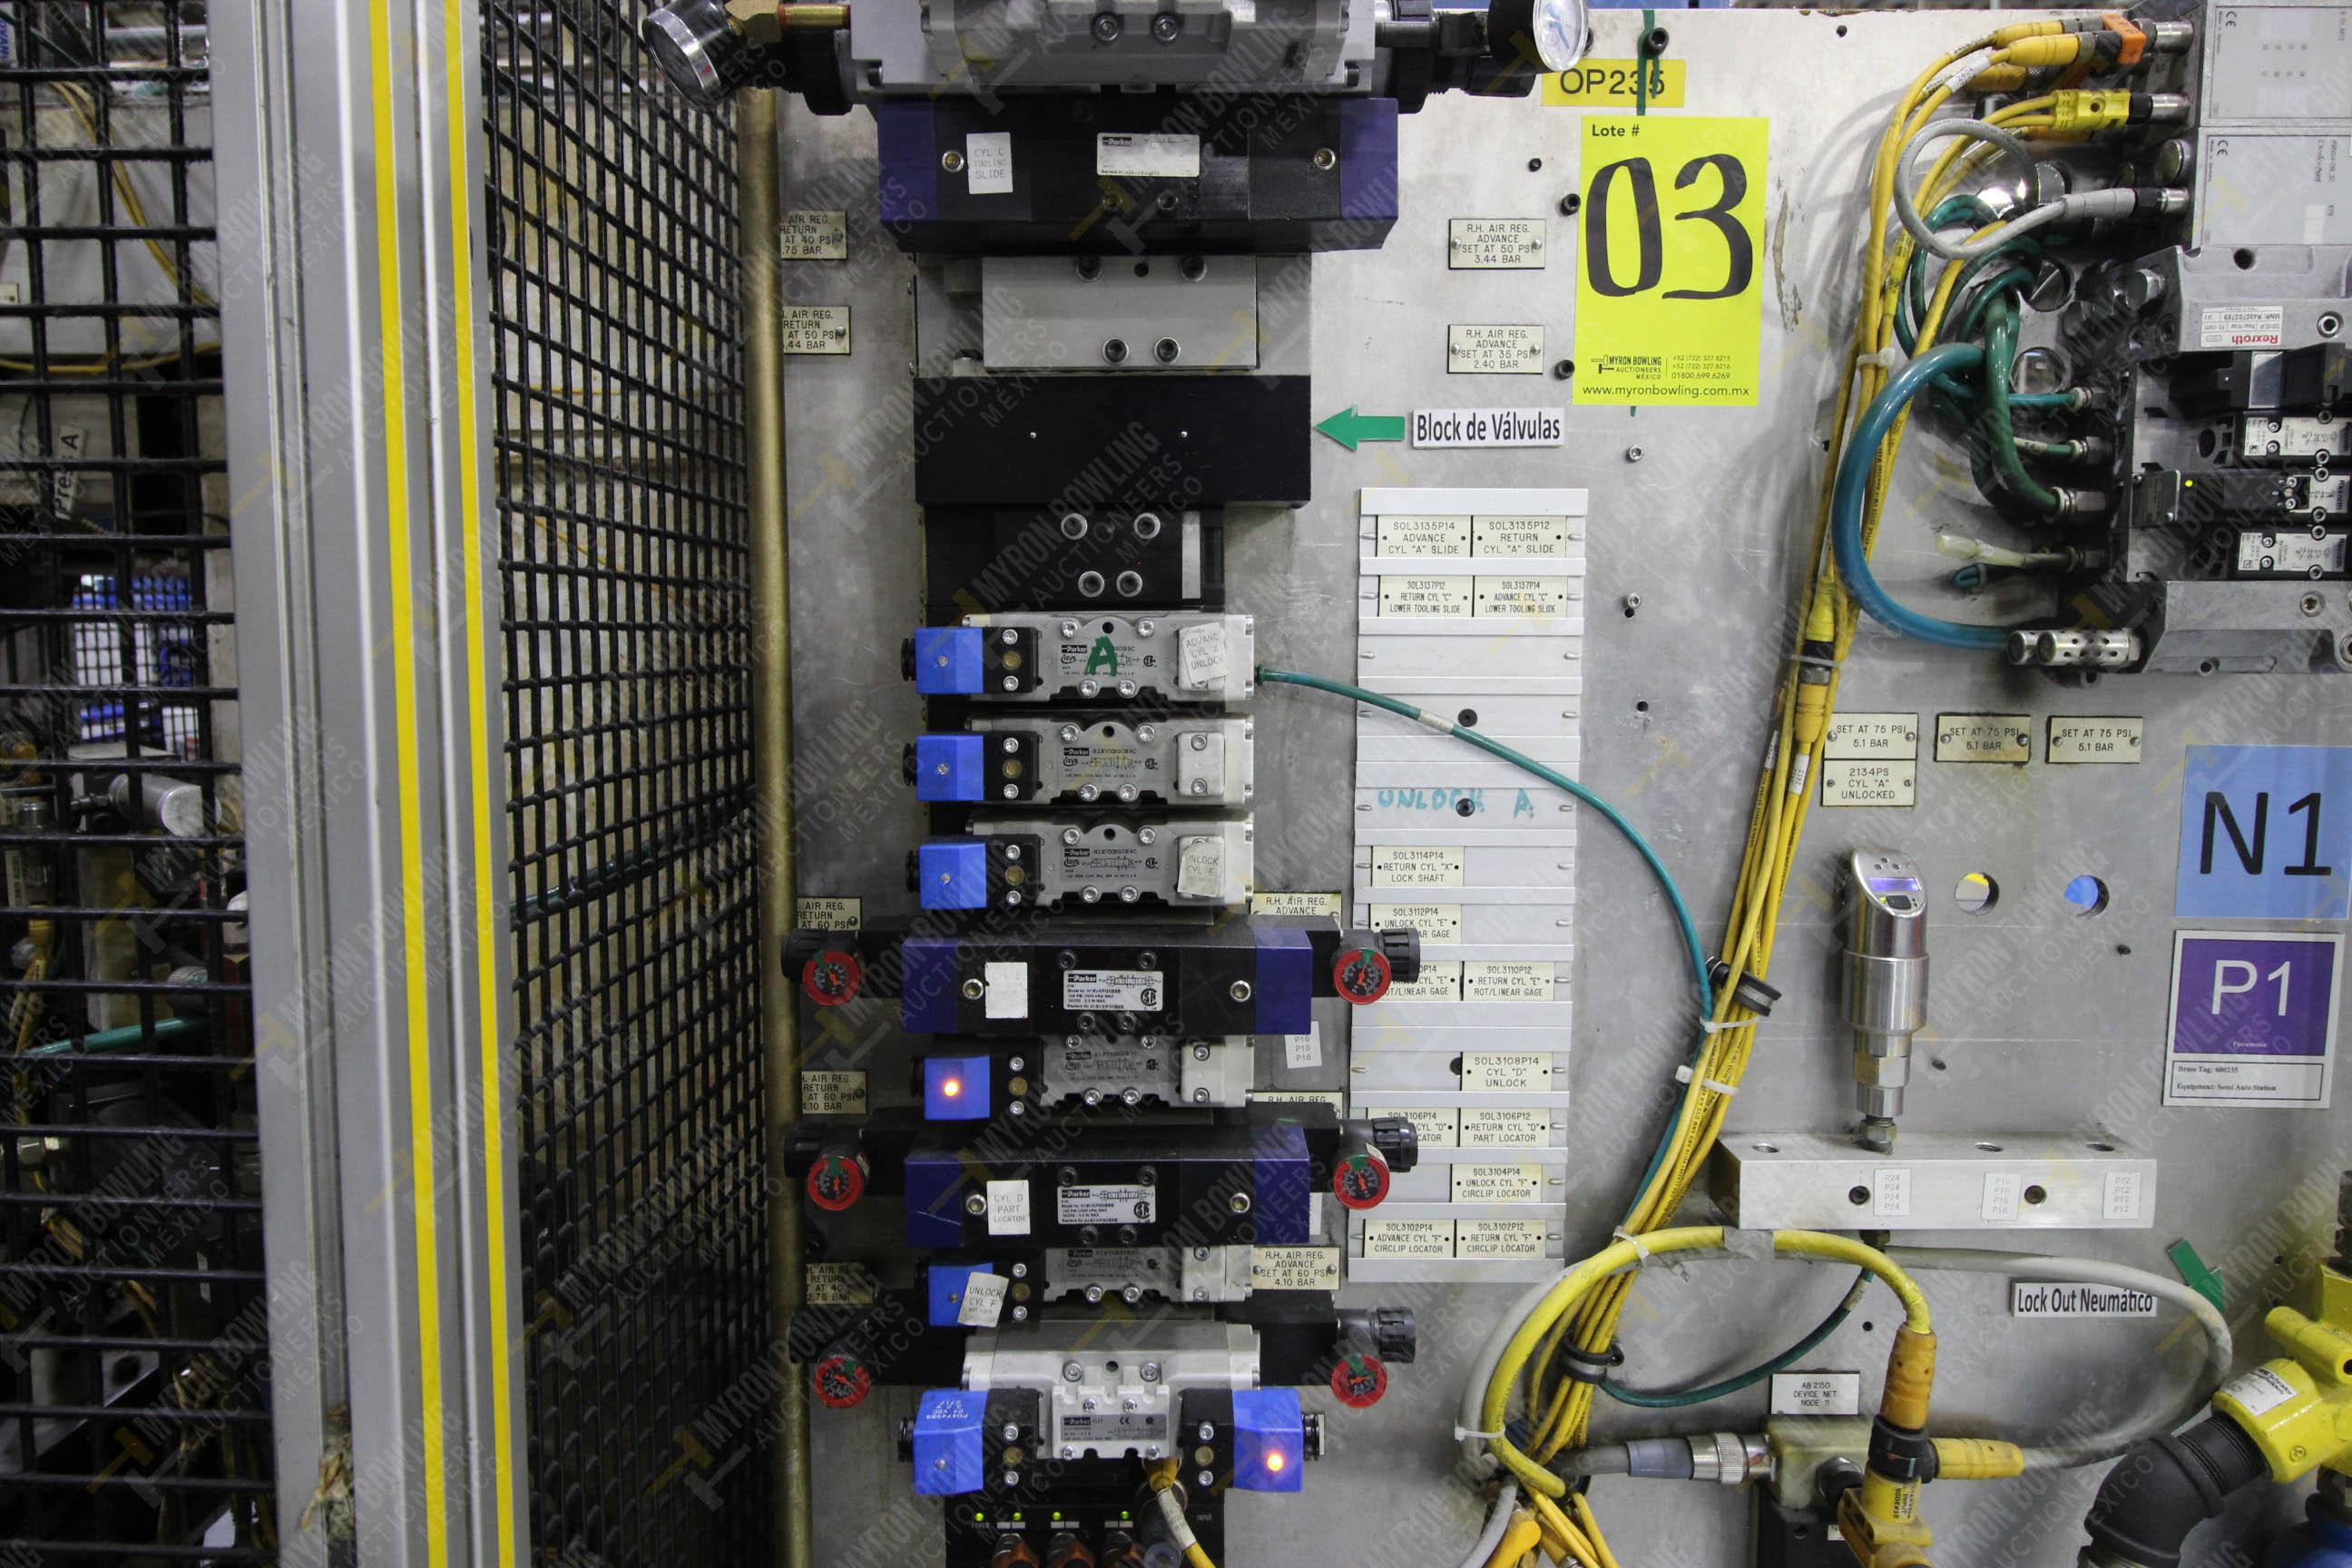 Estación semiautomáticapara operación 235 de ensamble de candado - Image 10 of 22